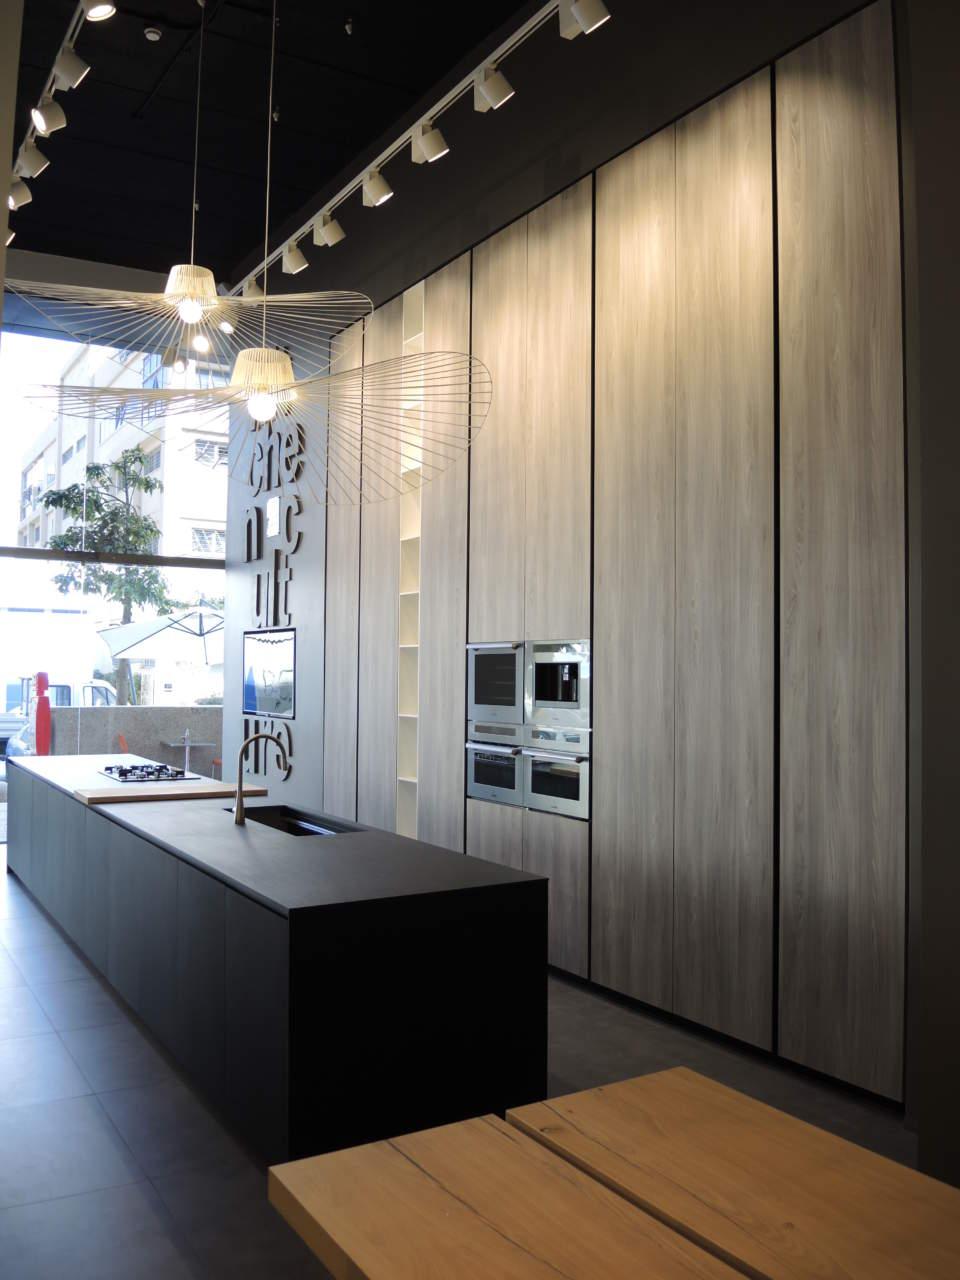 Arrital cucine best arrital cucine prezzi gallery design ideas with arrital cucine gallery of - Cucine arrital prezzi ...